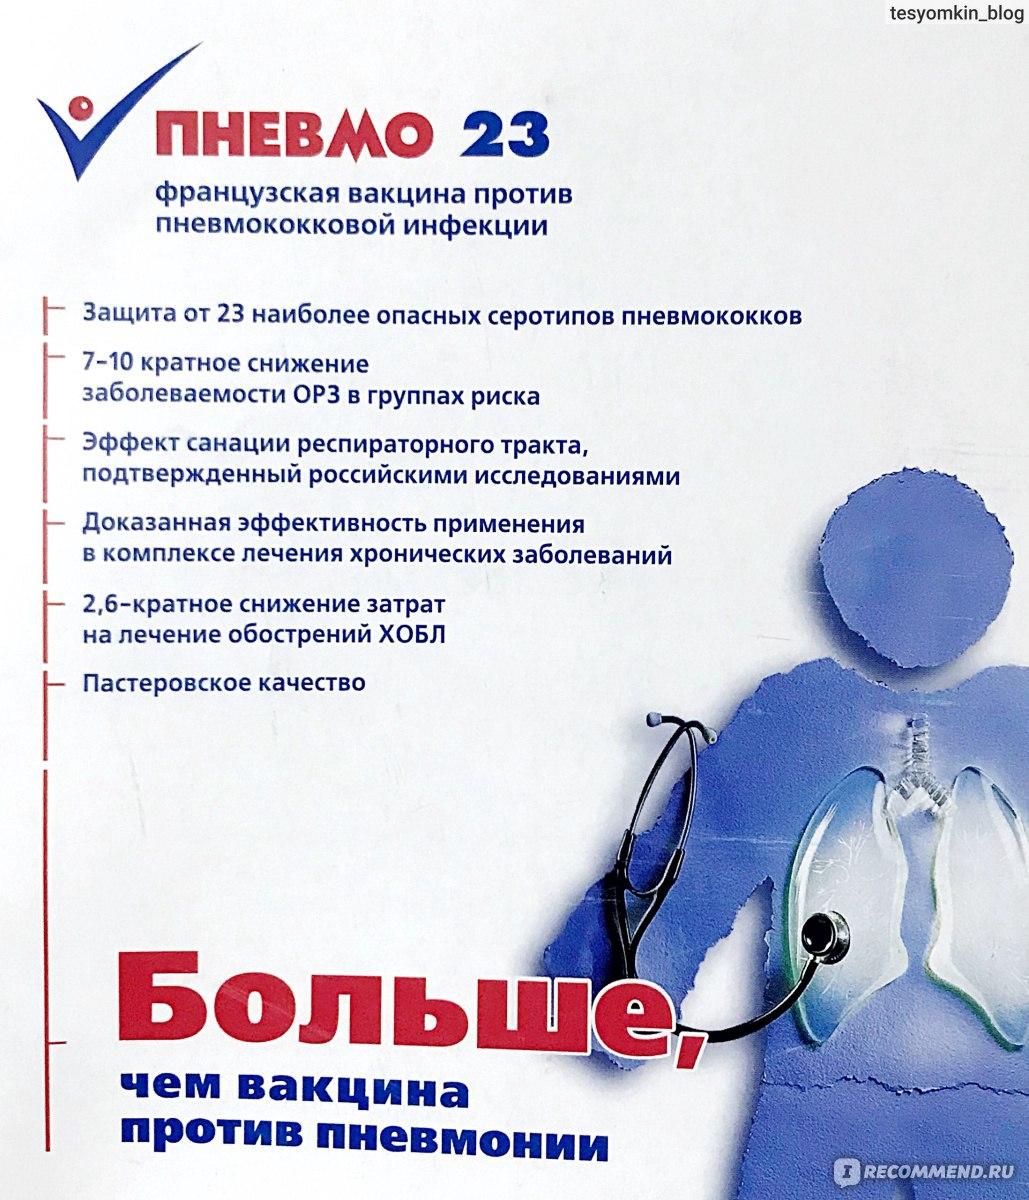 Пневмо 23 превенар 13 прививка от пневмококковой инфекции